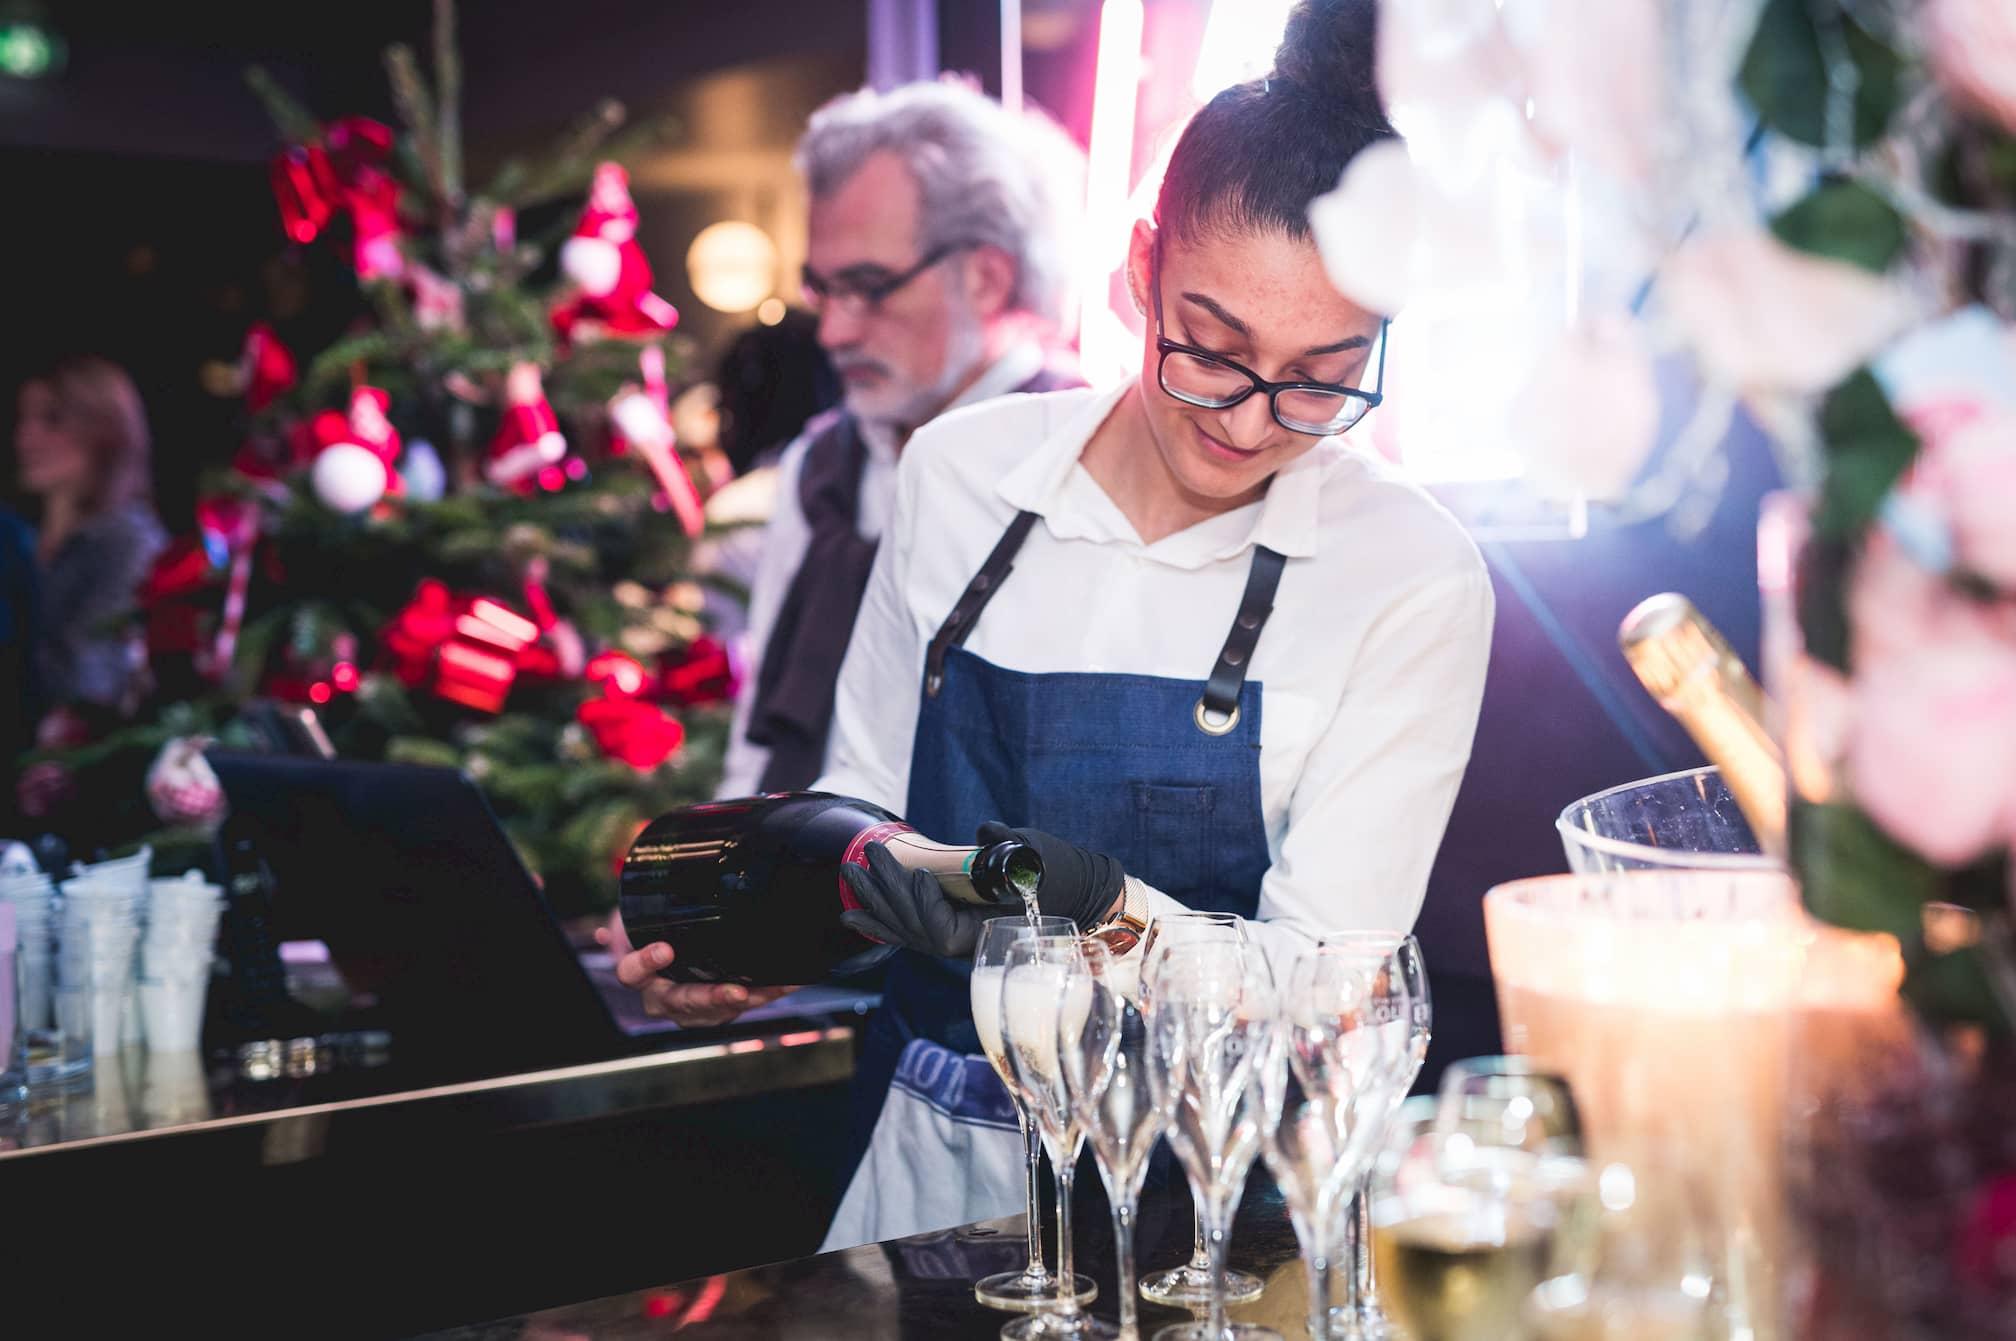 photographie evenementiel soirée restaurant Lolita Ermont Designatic